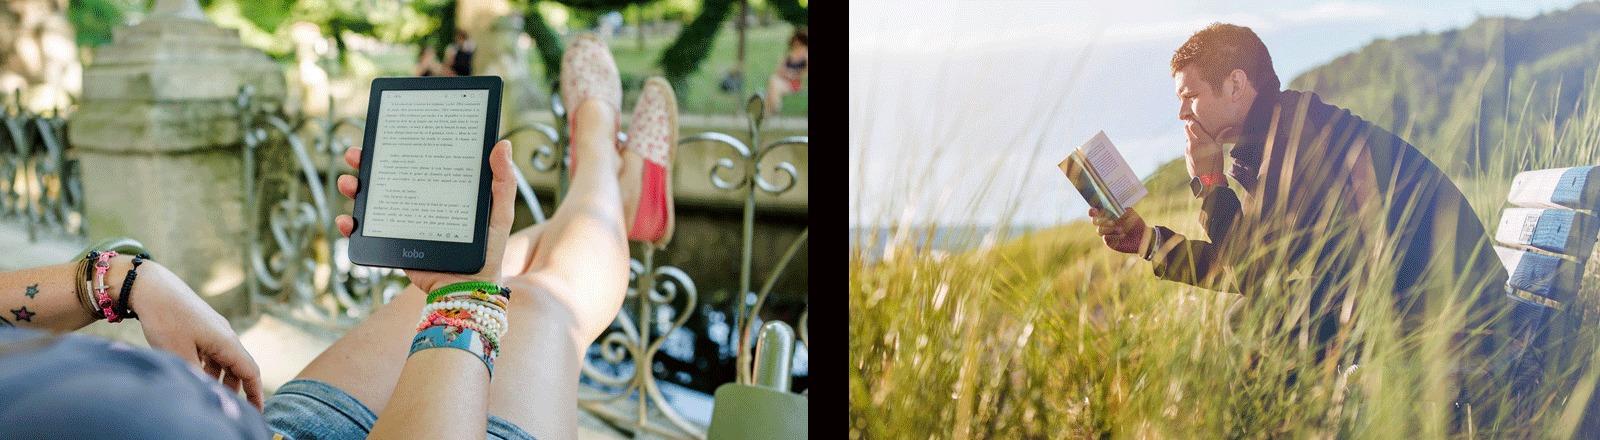 Links: Eine Frau liest im E-Reader. Rechts: Ein Mann liest im Buch.